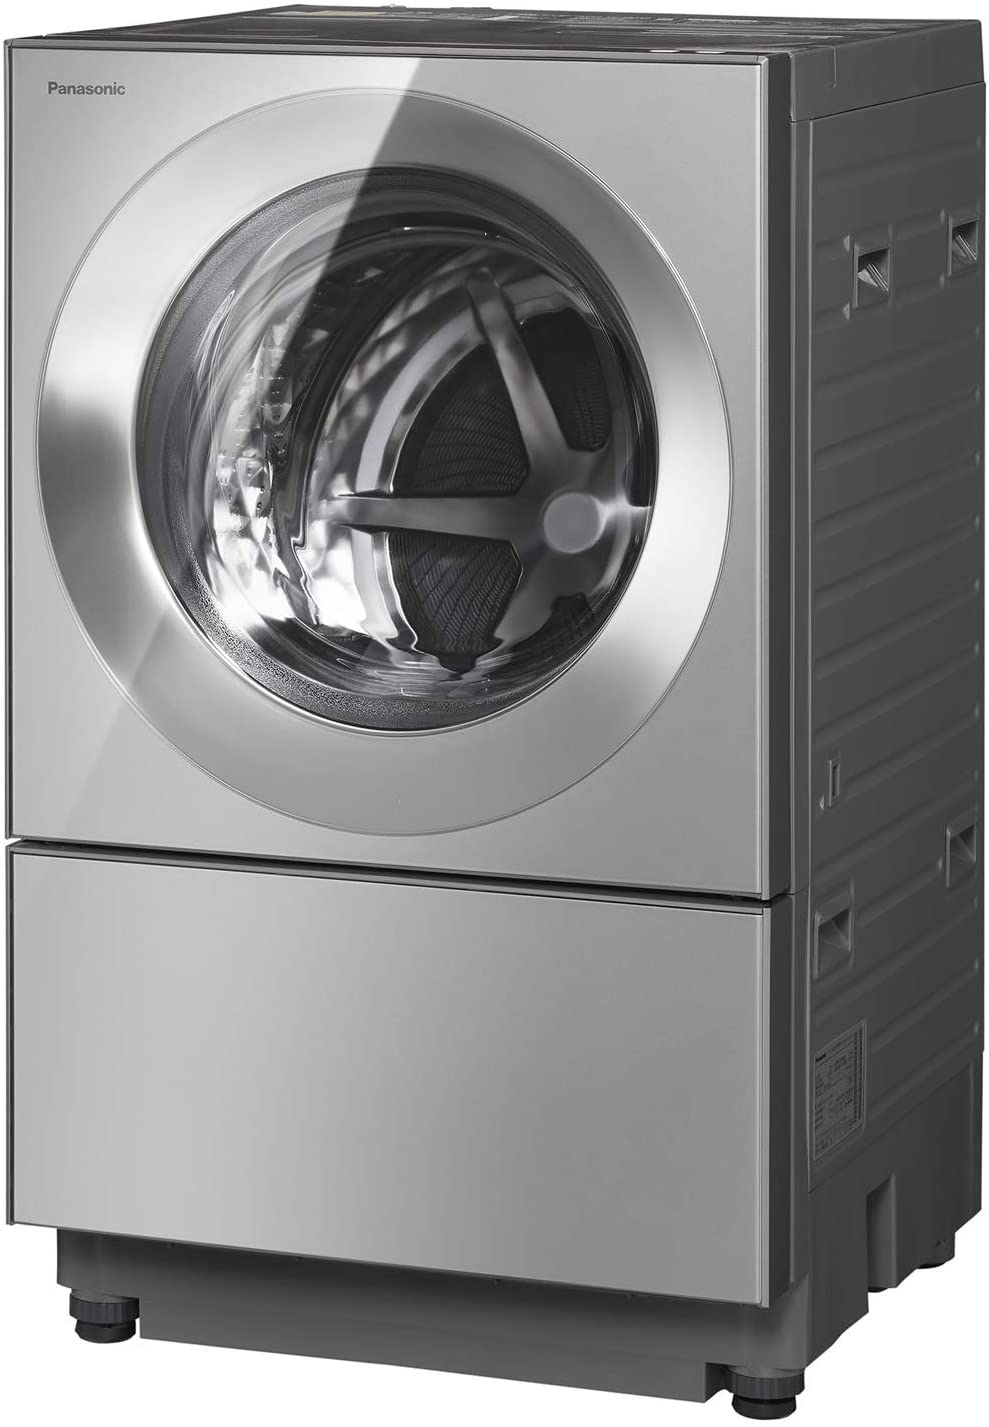 パナソニックななめドラム洗濯乾燥機Cuble(キューブル)10kg左開き液体洗剤・柔軟剤自動投入ナノイーXプレミアムステンレスNA-VG2500L-X